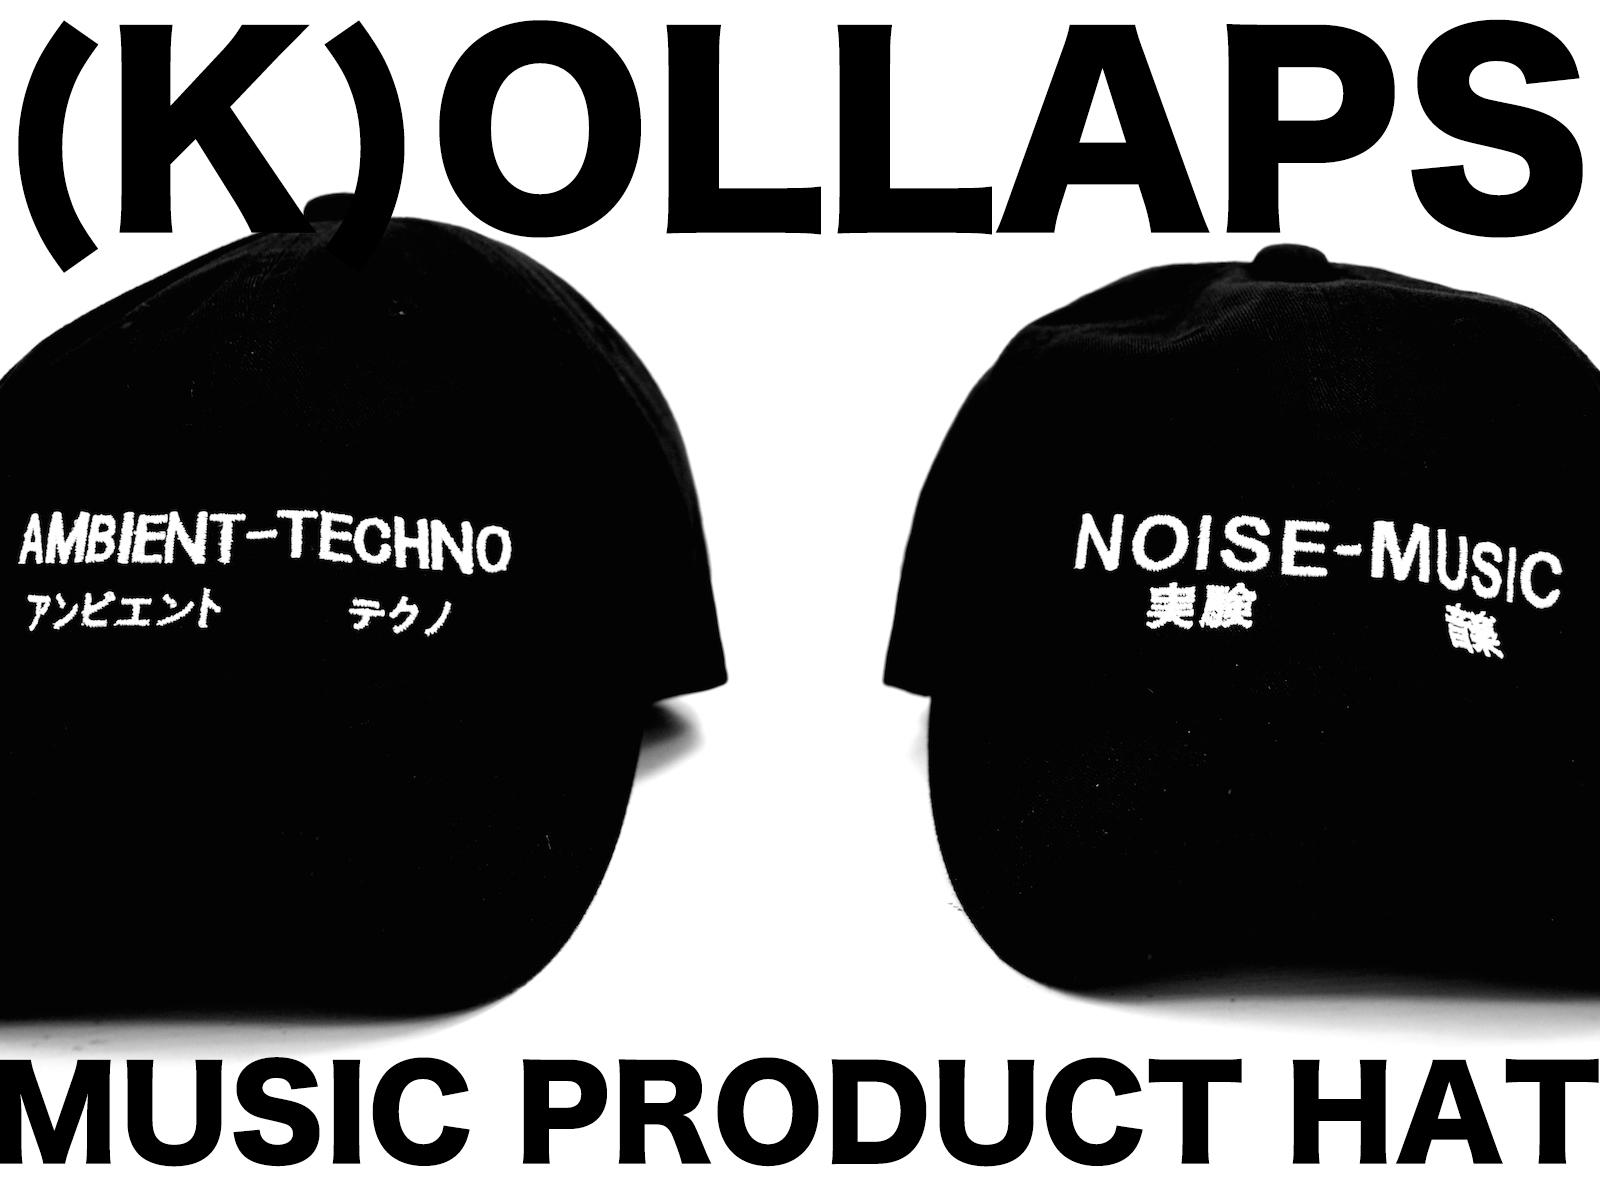 NEW ARRIVALS: (K)OLLAPS – ミュージックキャップ 第二弾